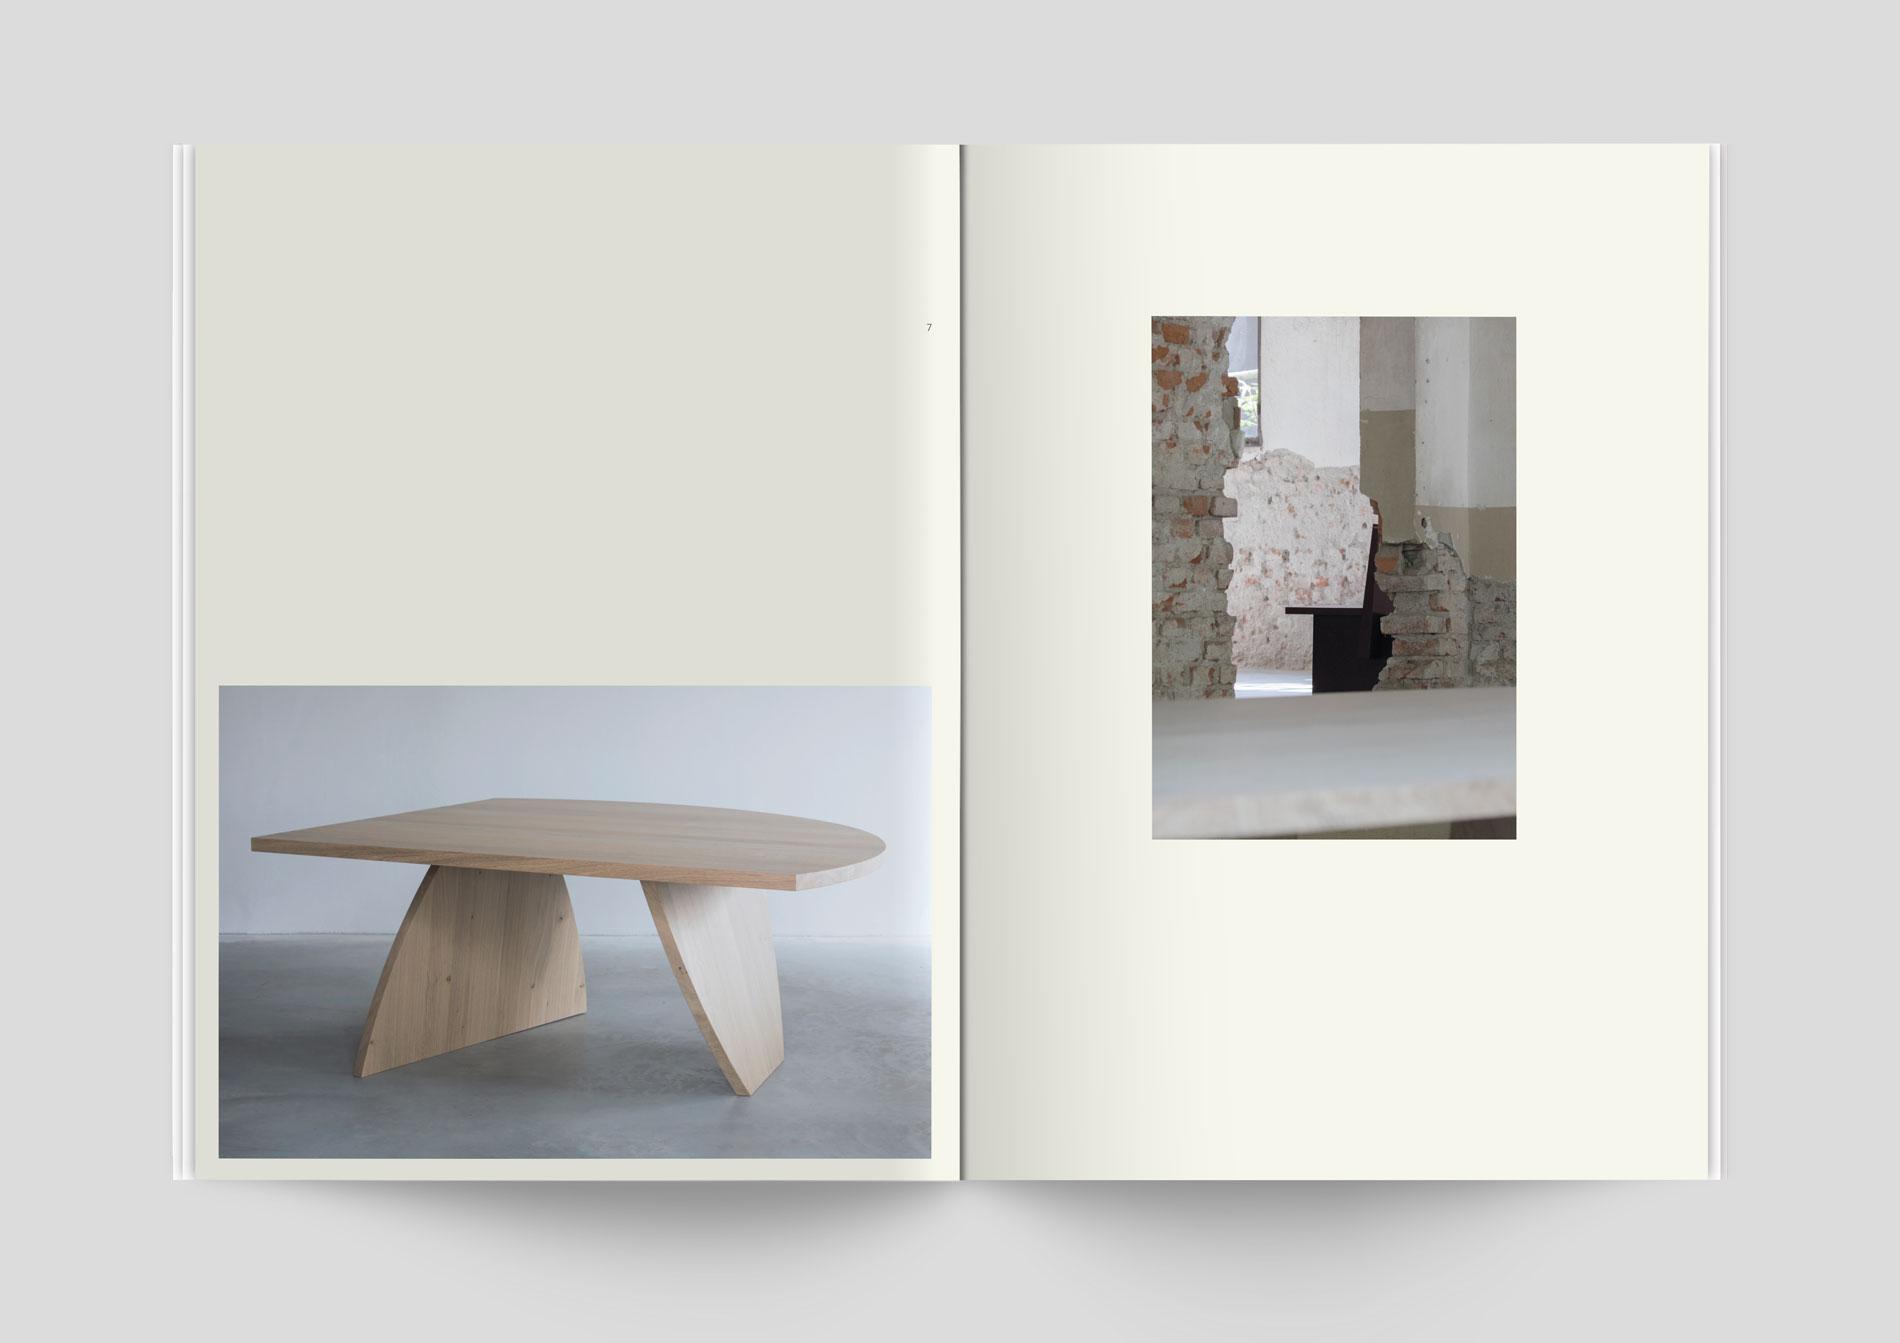 nicoletta-dalfino-van-rossum-andrea-tognon-lookbook-2018-spread-05